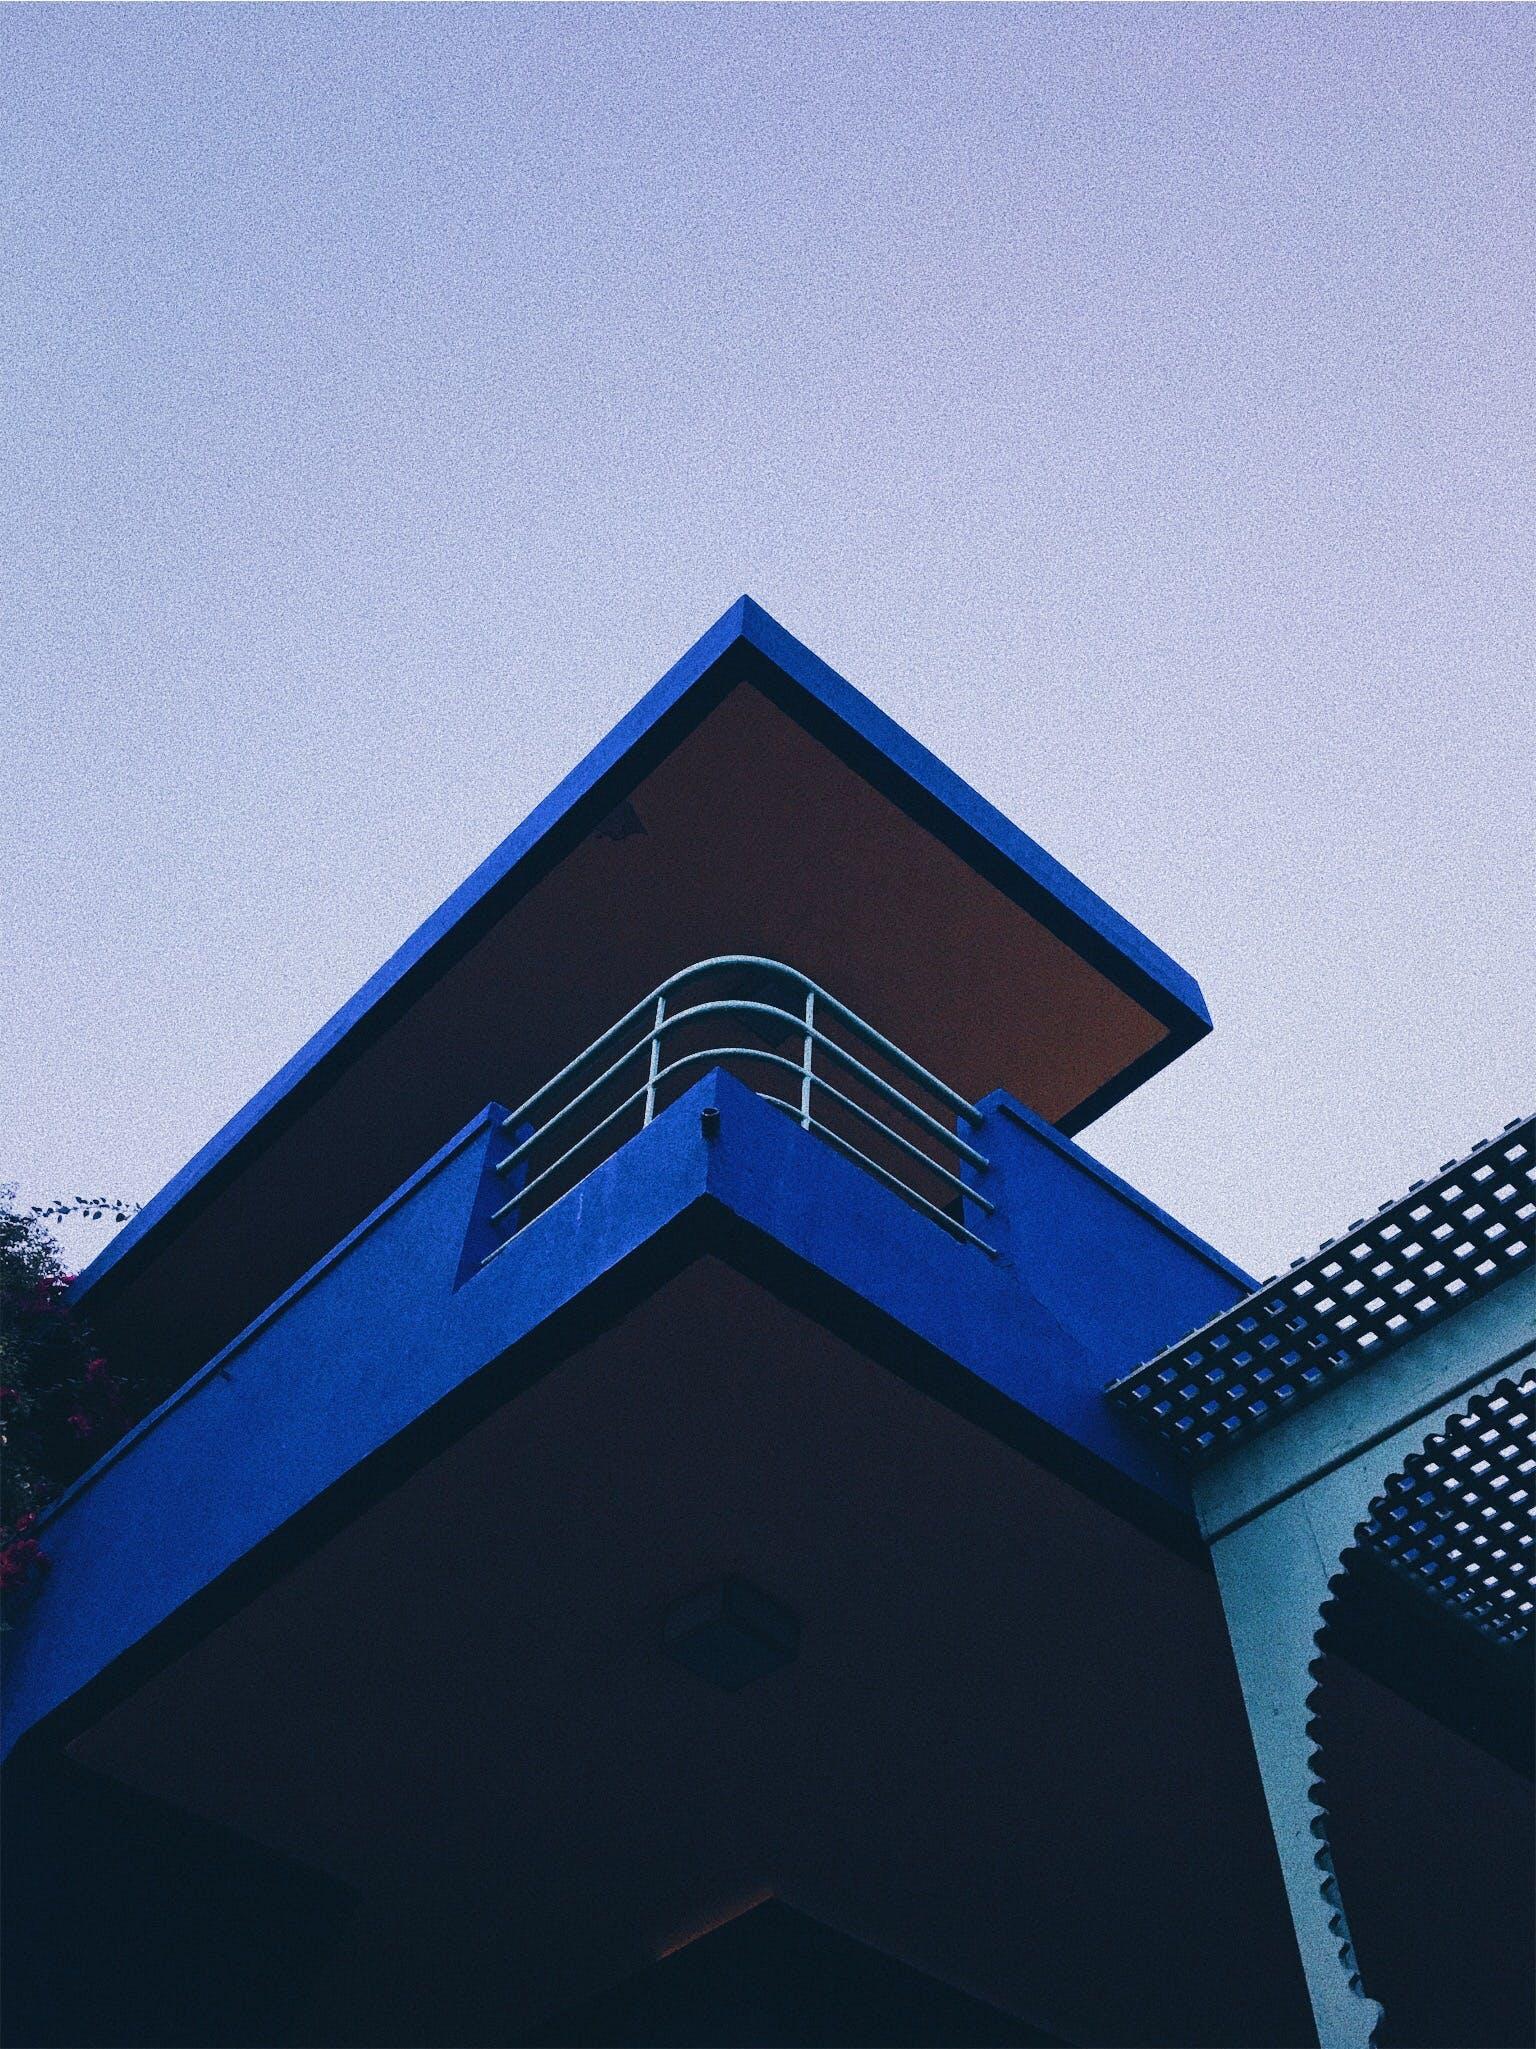 Fotos de stock gratuitas de arquitectura, cielo, construcción, edificio